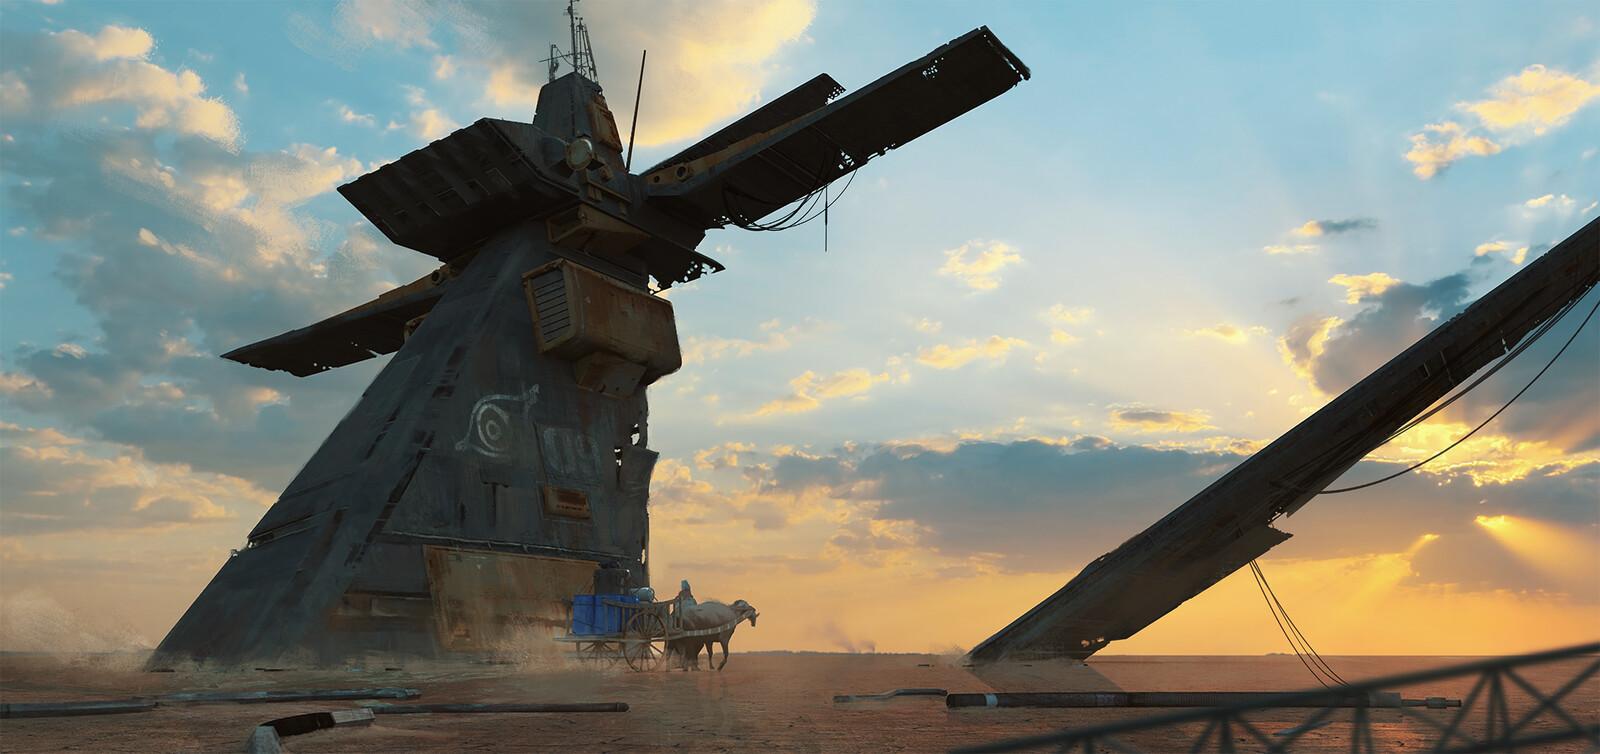 The wreck of the MINKE.